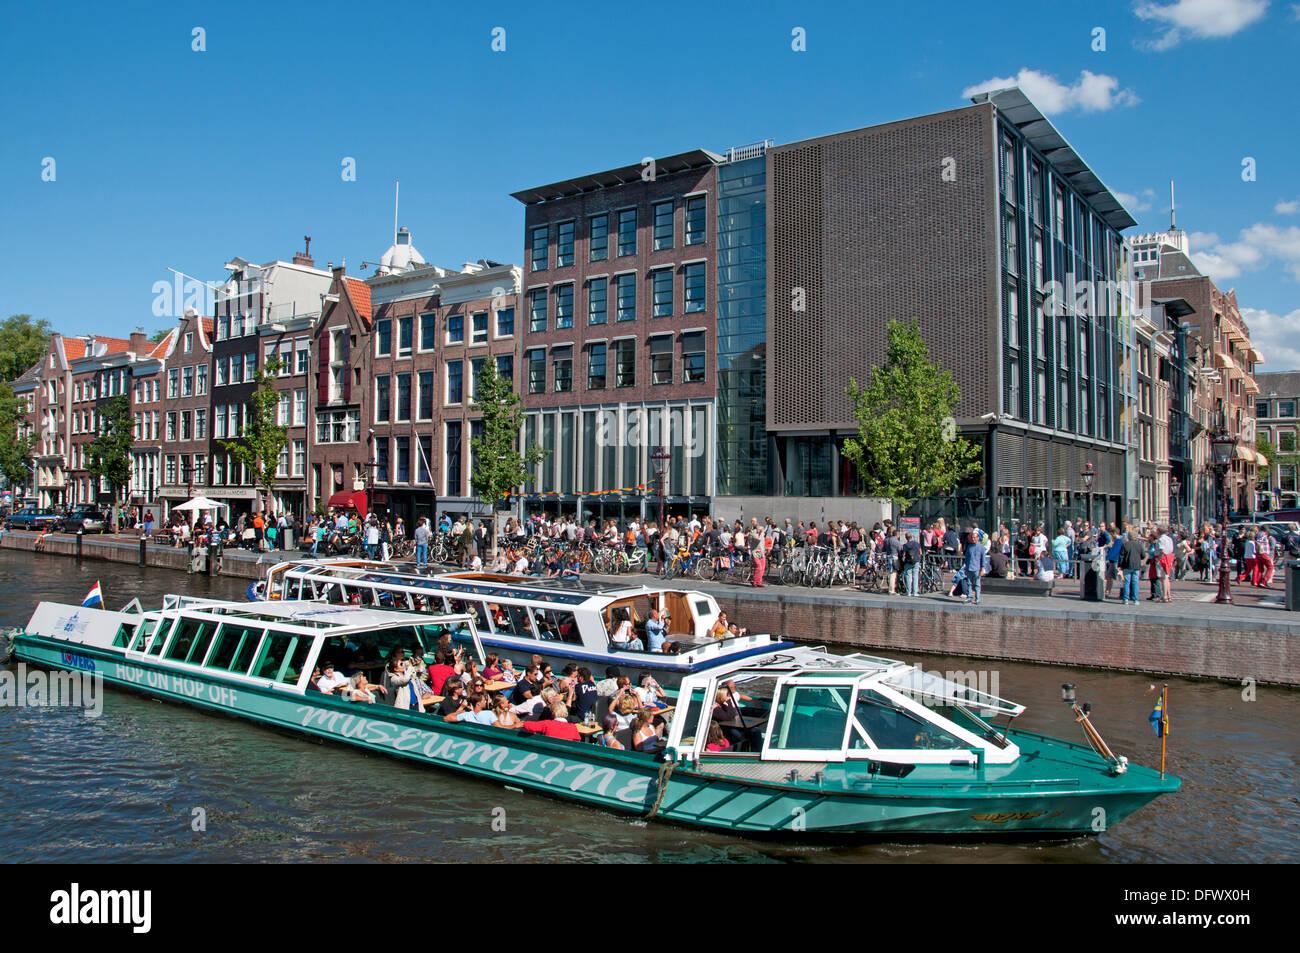 Museo de Anne Frank ( izquierda ) antigua casa de Prinsengracht 263-265 Amsterdam Países Bajos ( museo dedicado a la diarista de guerra judía ) Foto de stock